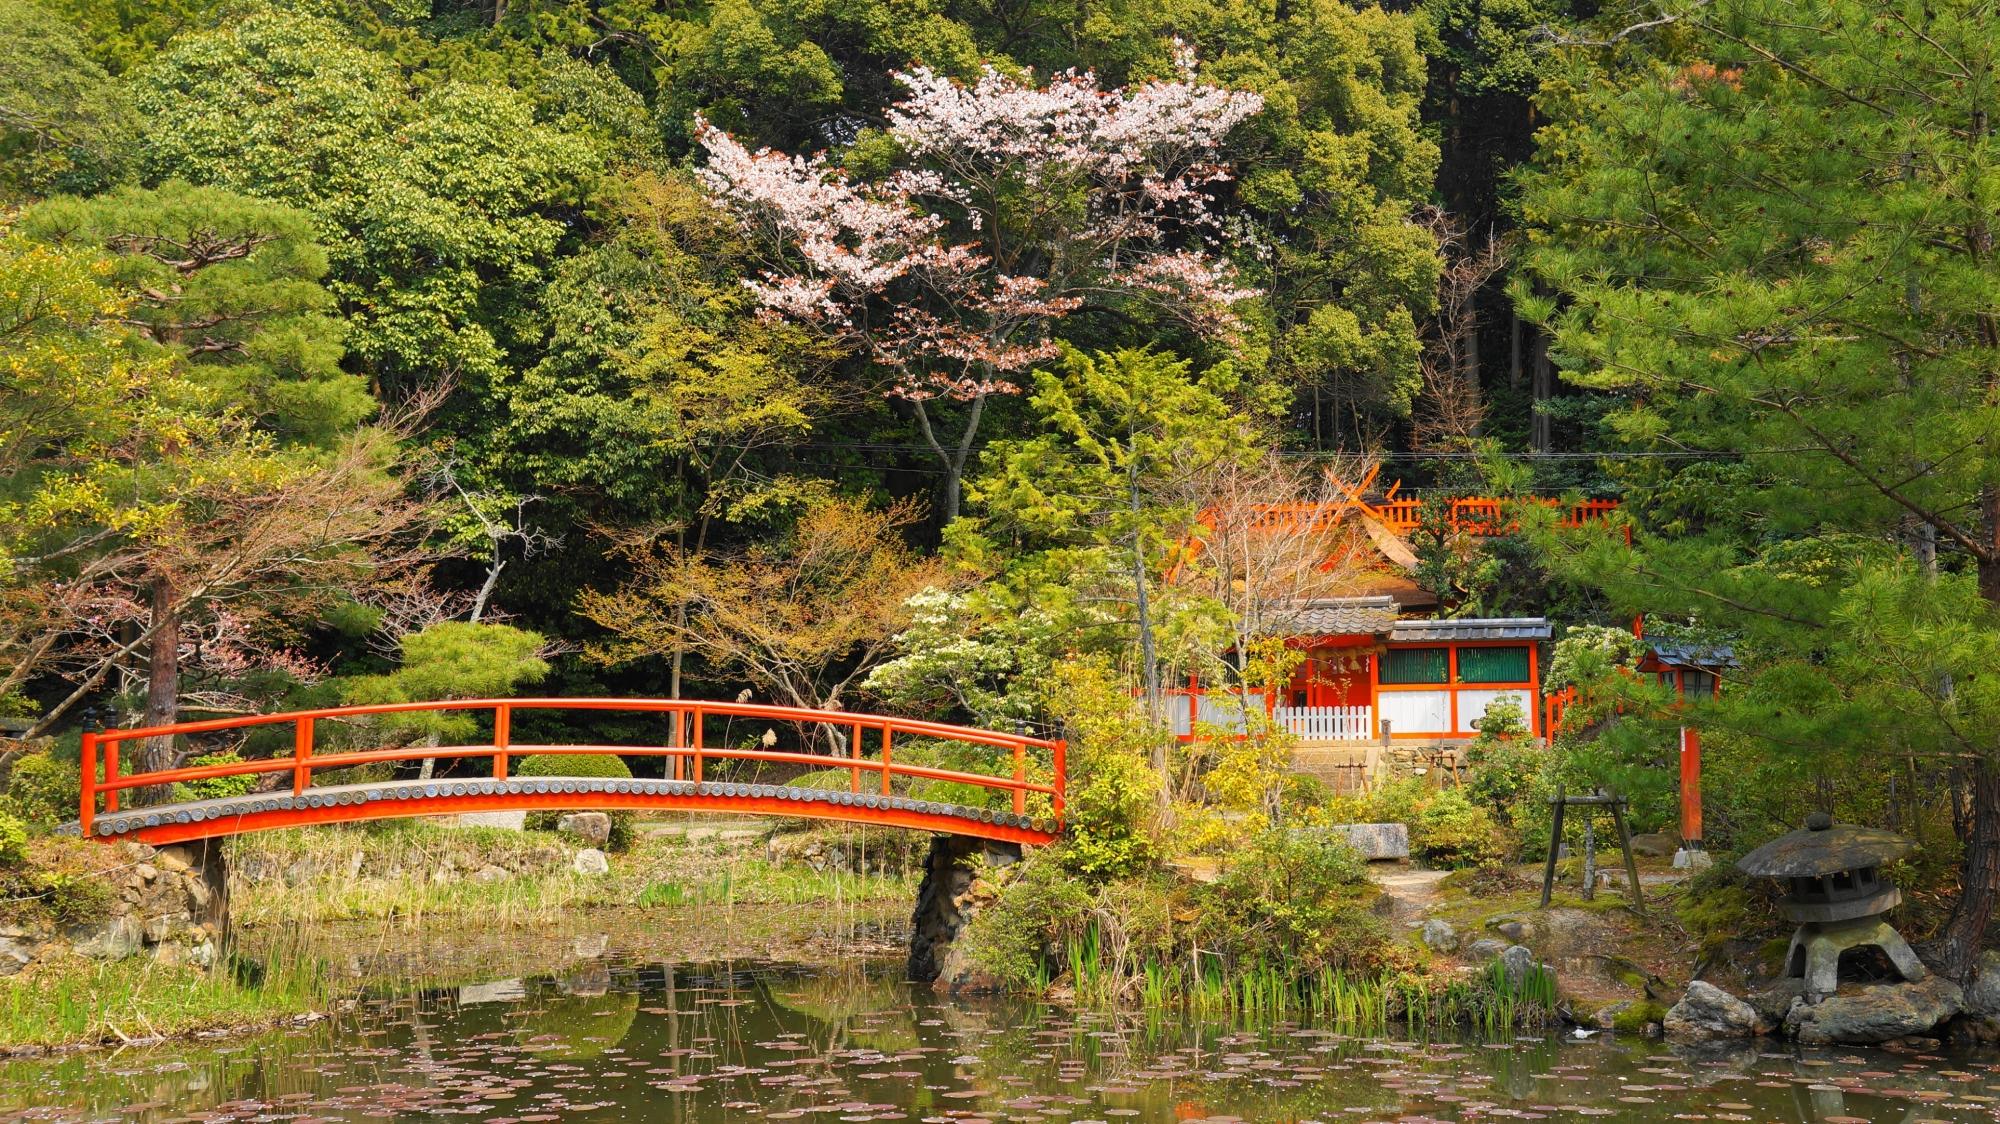 桜が華やかな彩りをつける鯉沢の池と若宮社